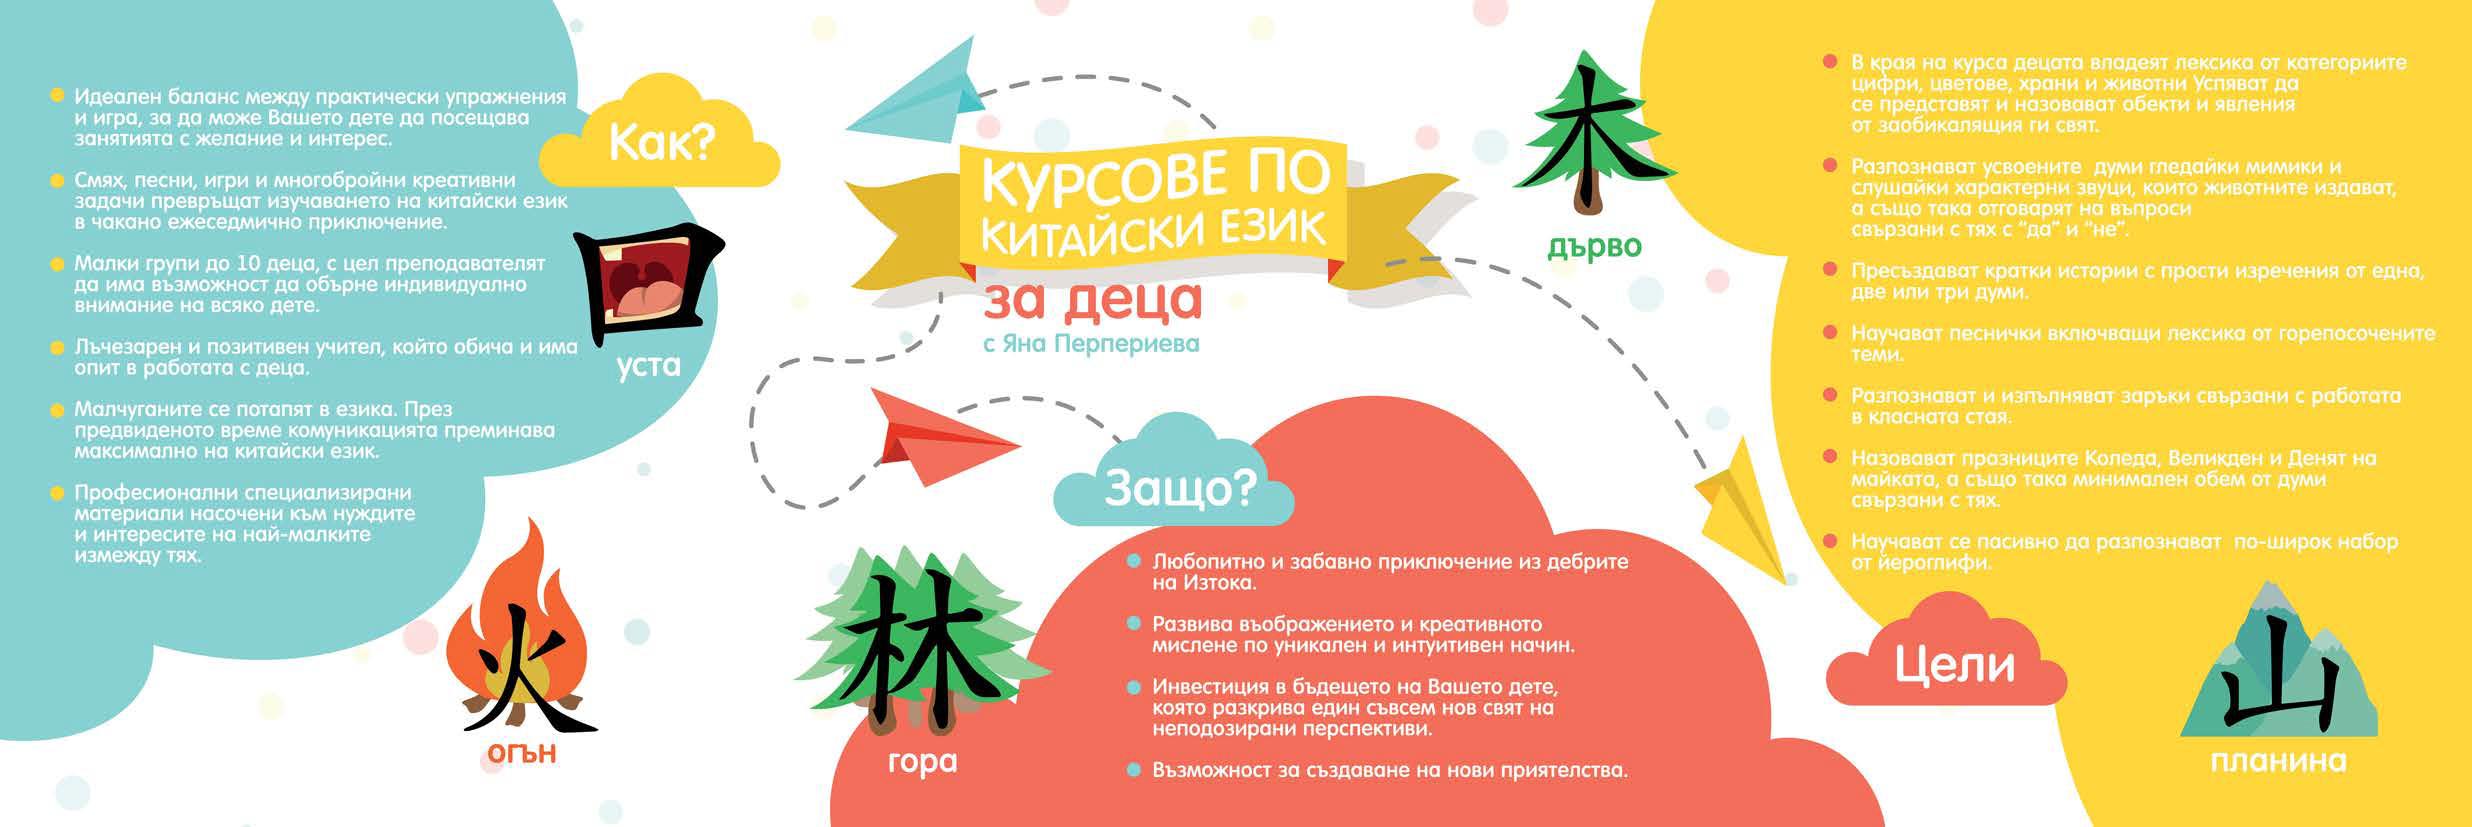 brochura (vytreshna).png